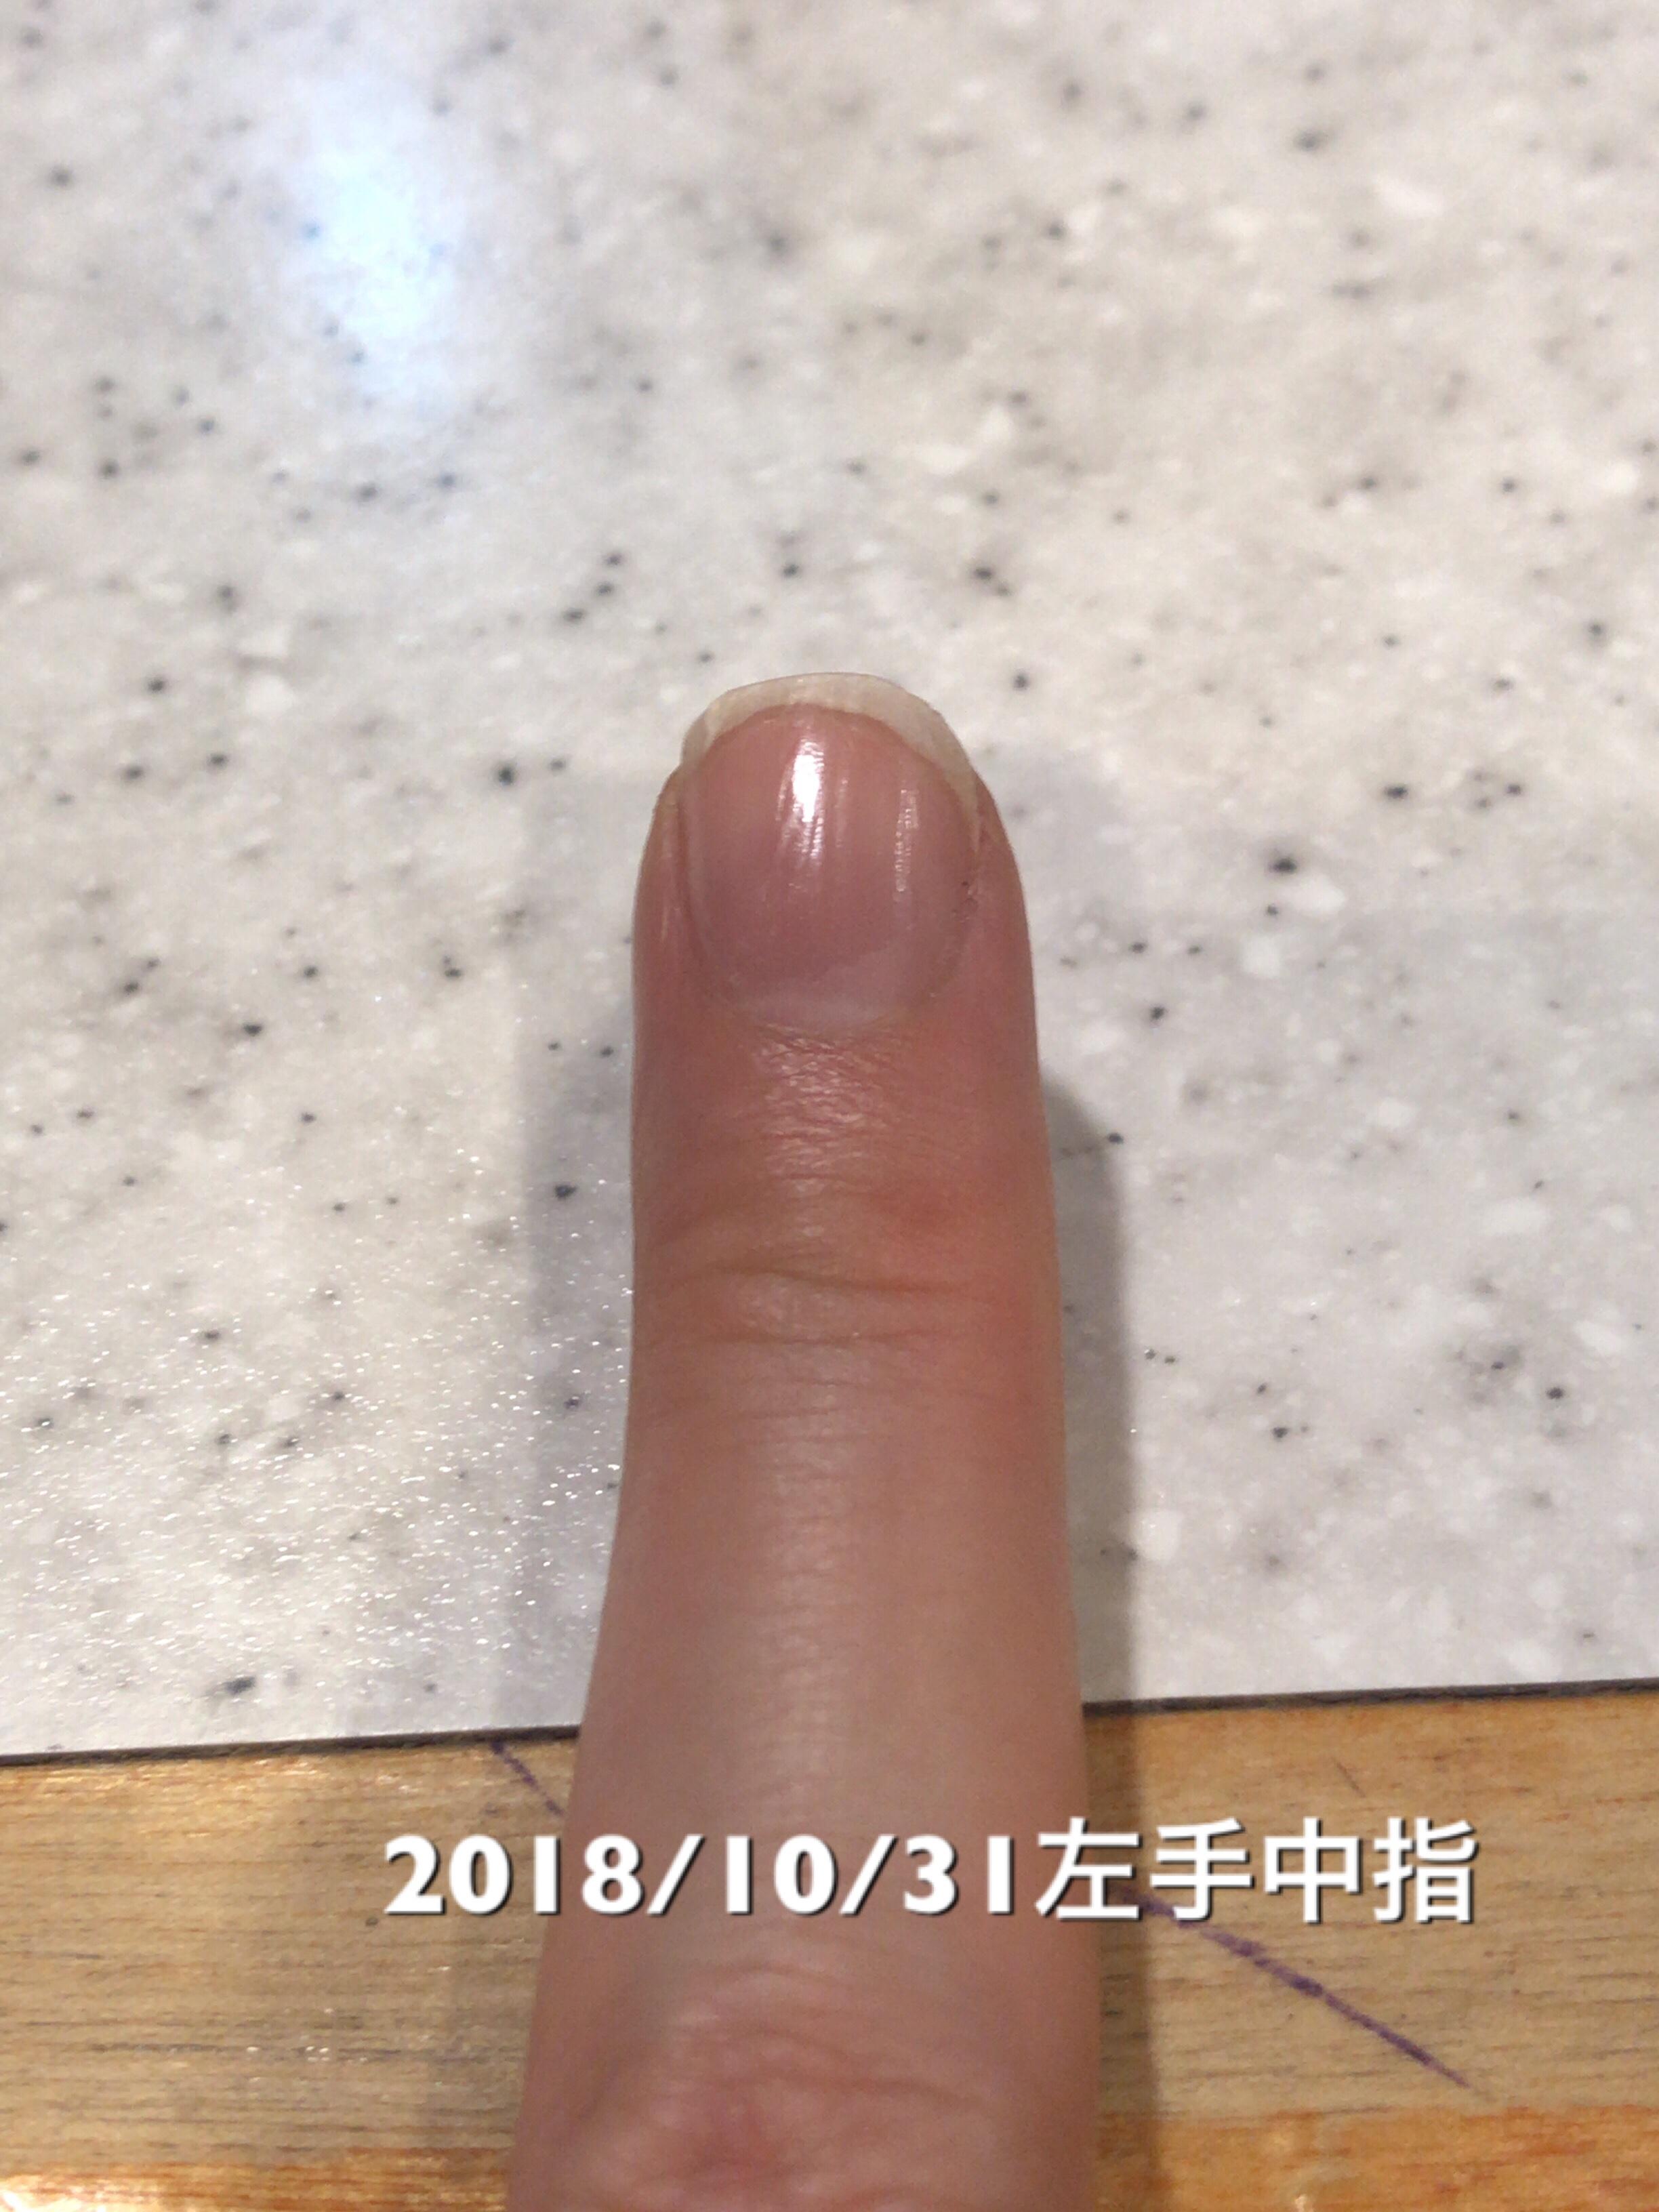 左手中指も少しだけ成長。右側のサイドラインがかなり短くなってしまっているので、そこを修正していきたいなぁ。という写真